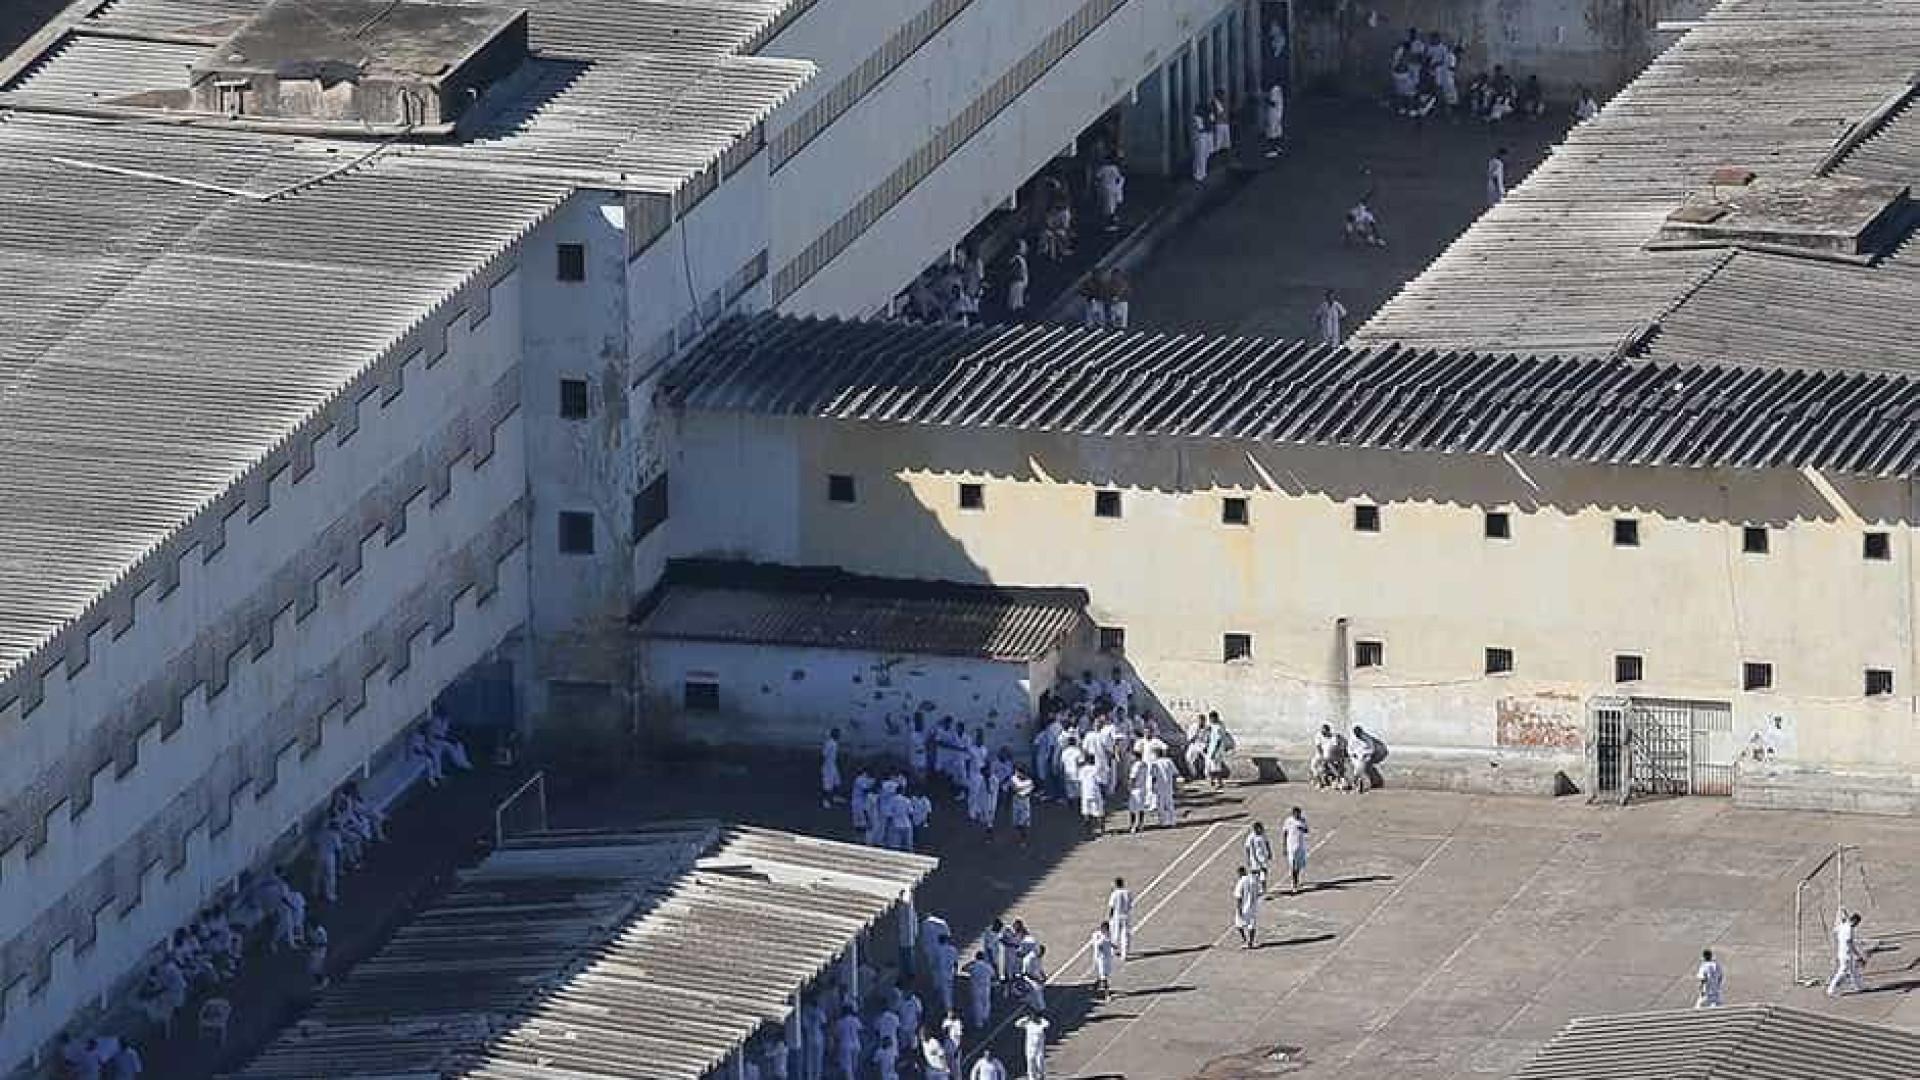 Visitas nos presídios do Distrito Federal estão suspensas